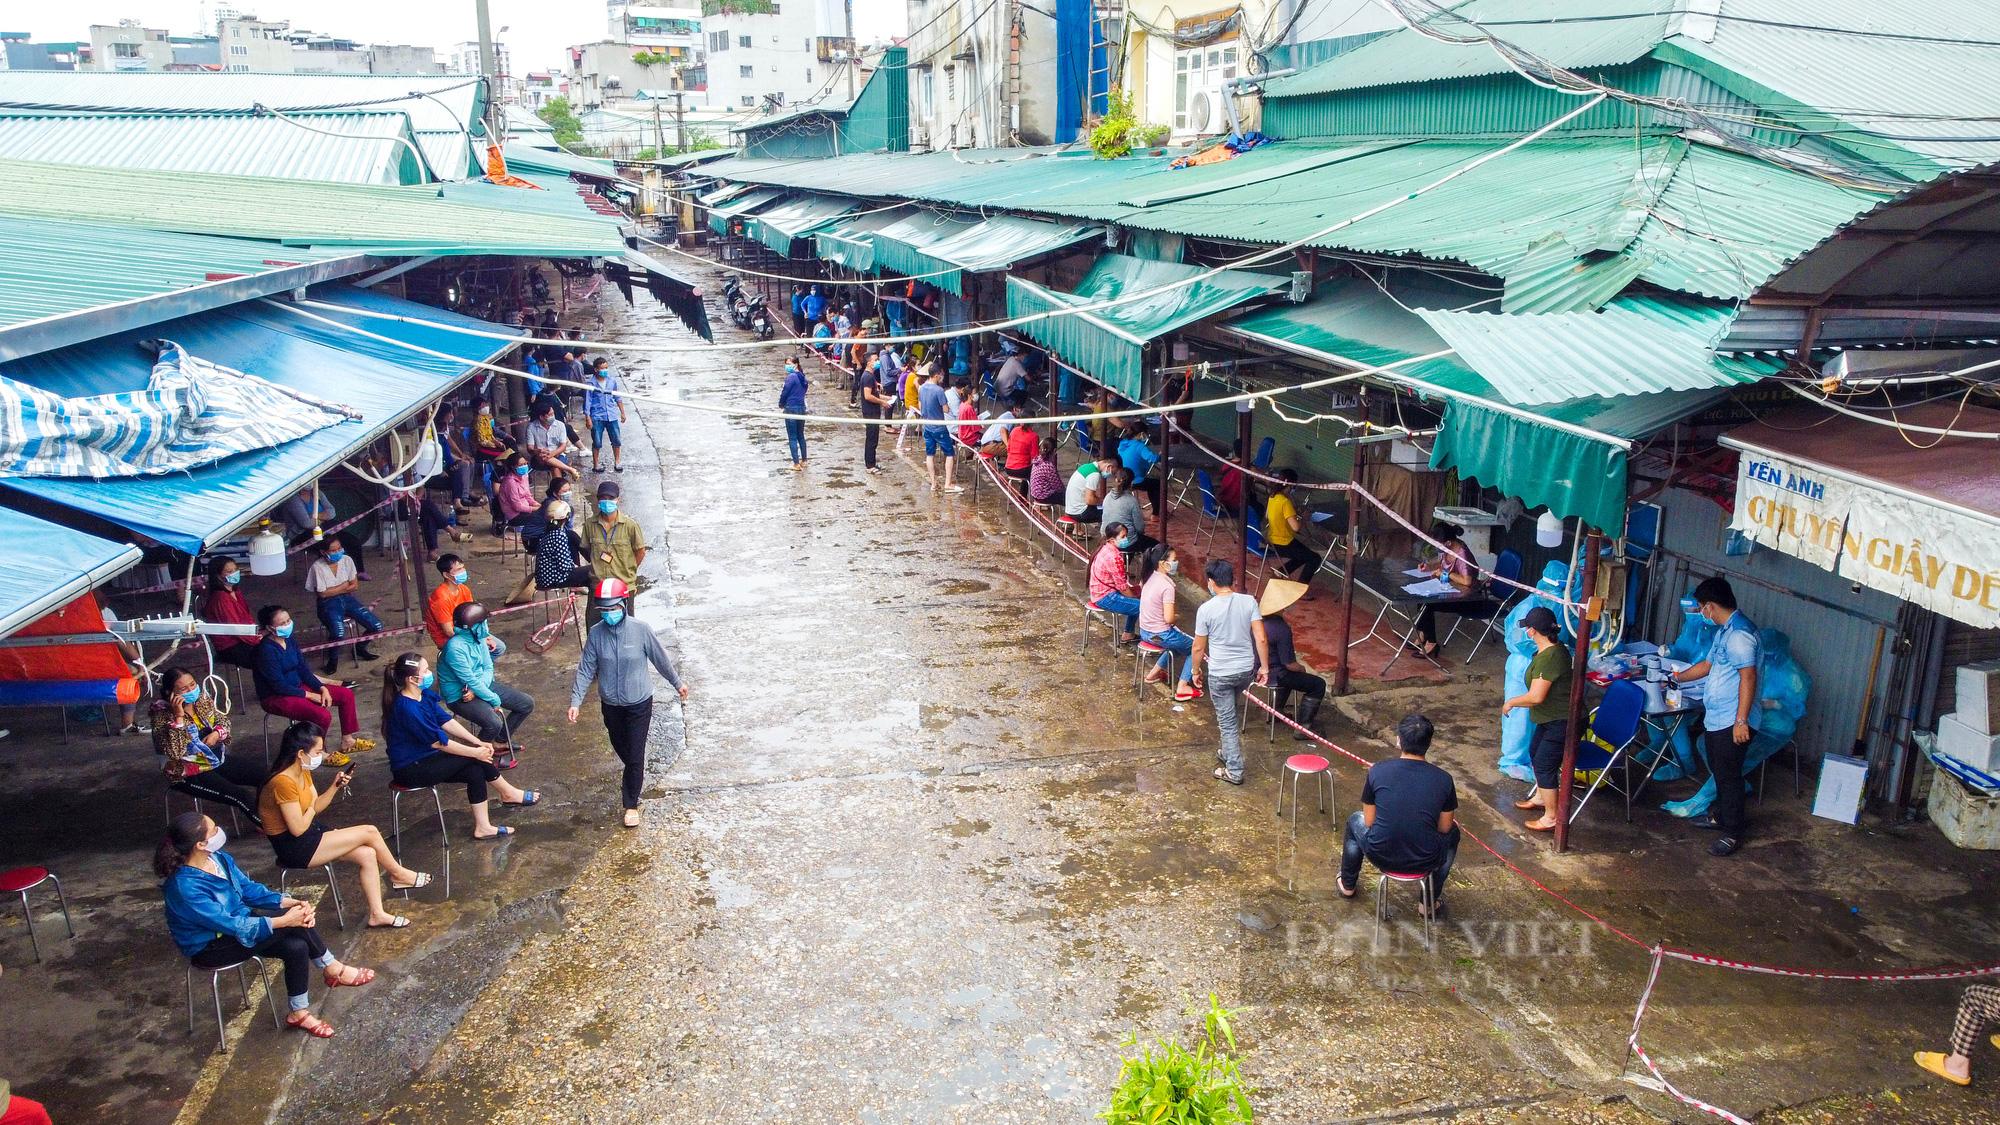 Lấy mẫu xét nghiệm hàng trăm tiểu thương tiểu thương tại chợ Phùng Khoang - Ảnh 2.